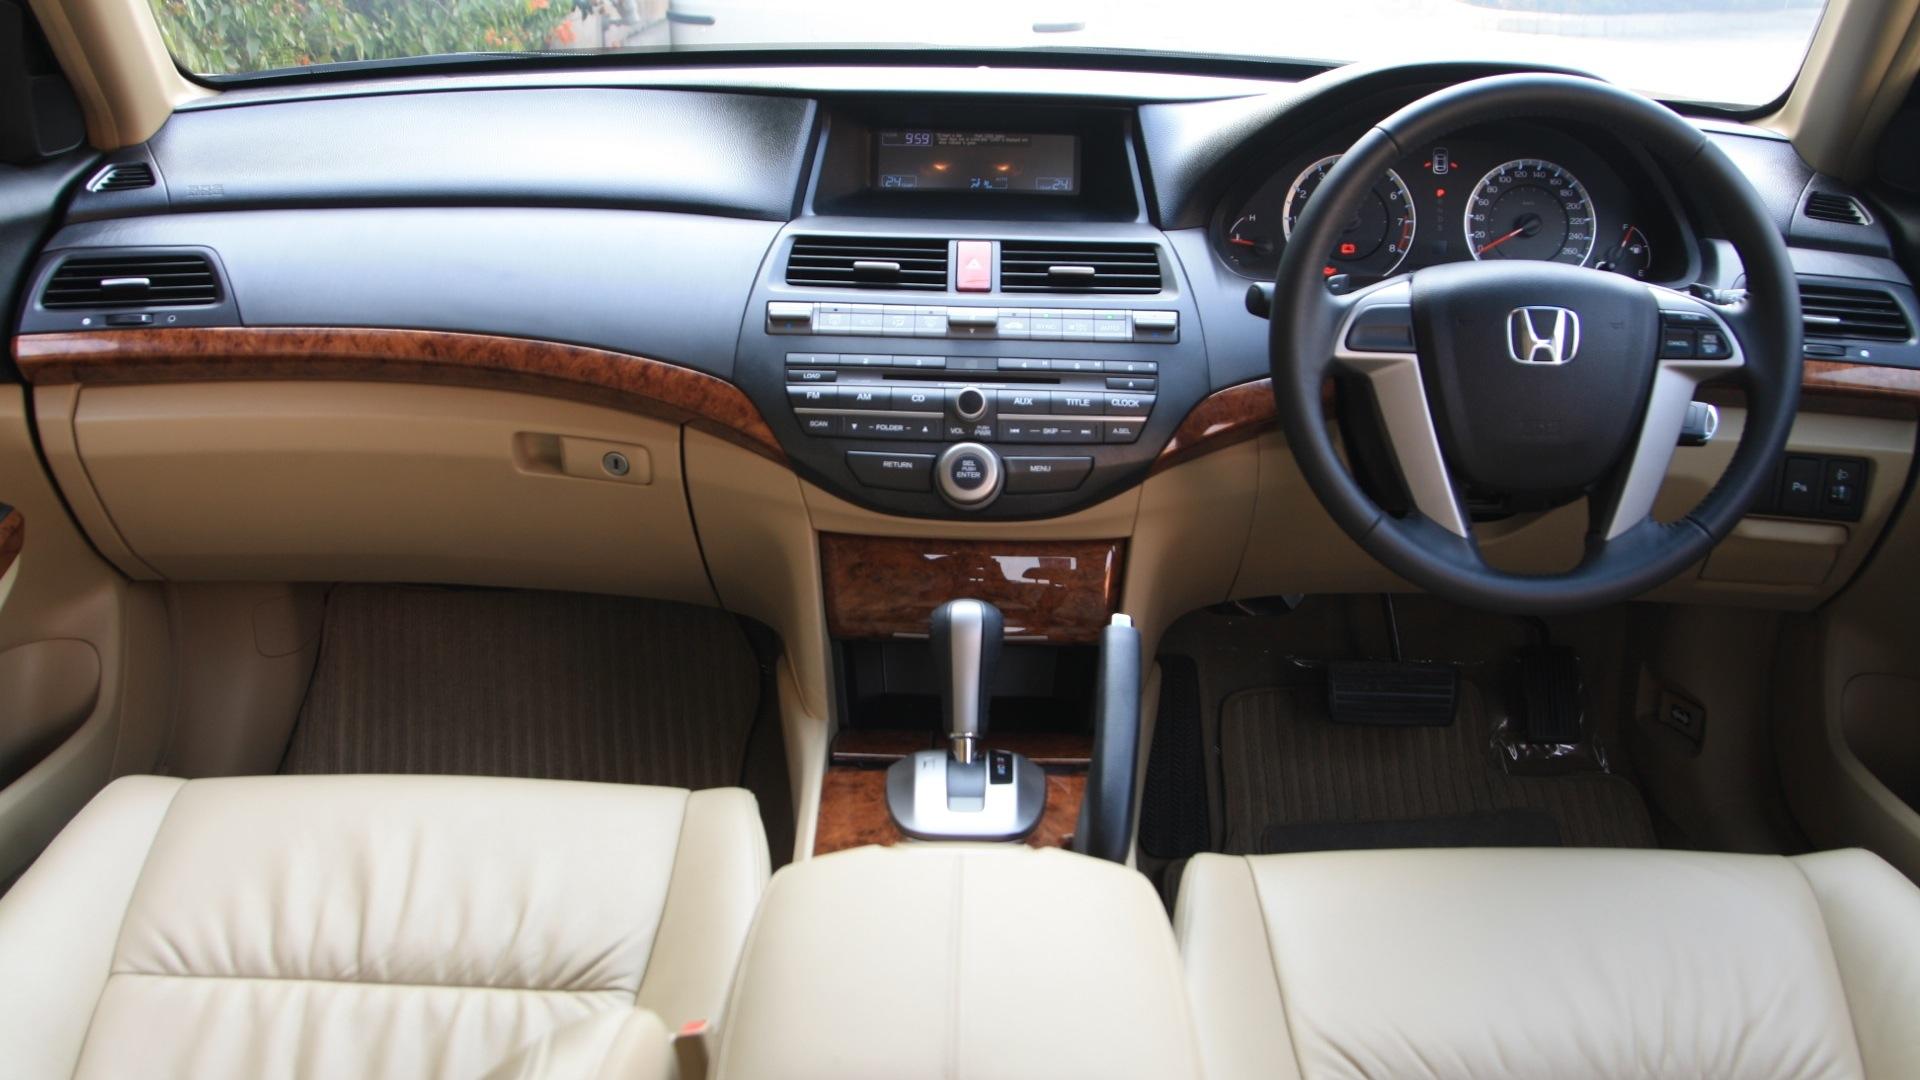 Delightful Honda Accord 2013 2 4 AT Good Looking